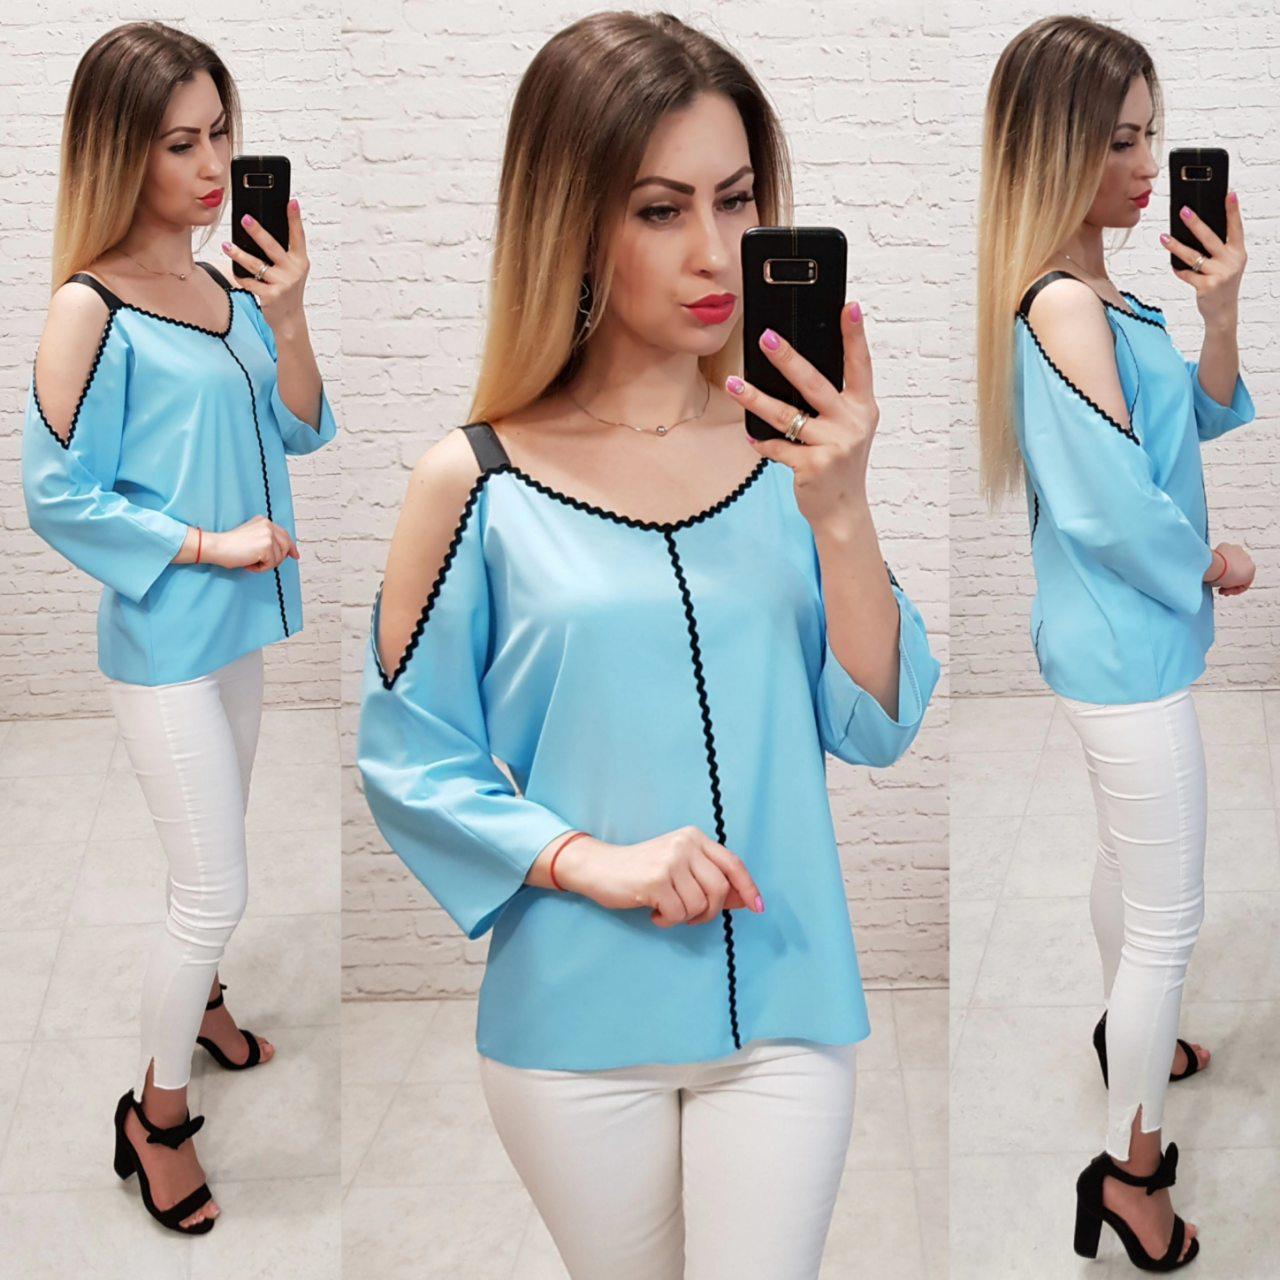 Блузка с тесьмой на горловине и открытыми плечами, арт 159, цвет голубой